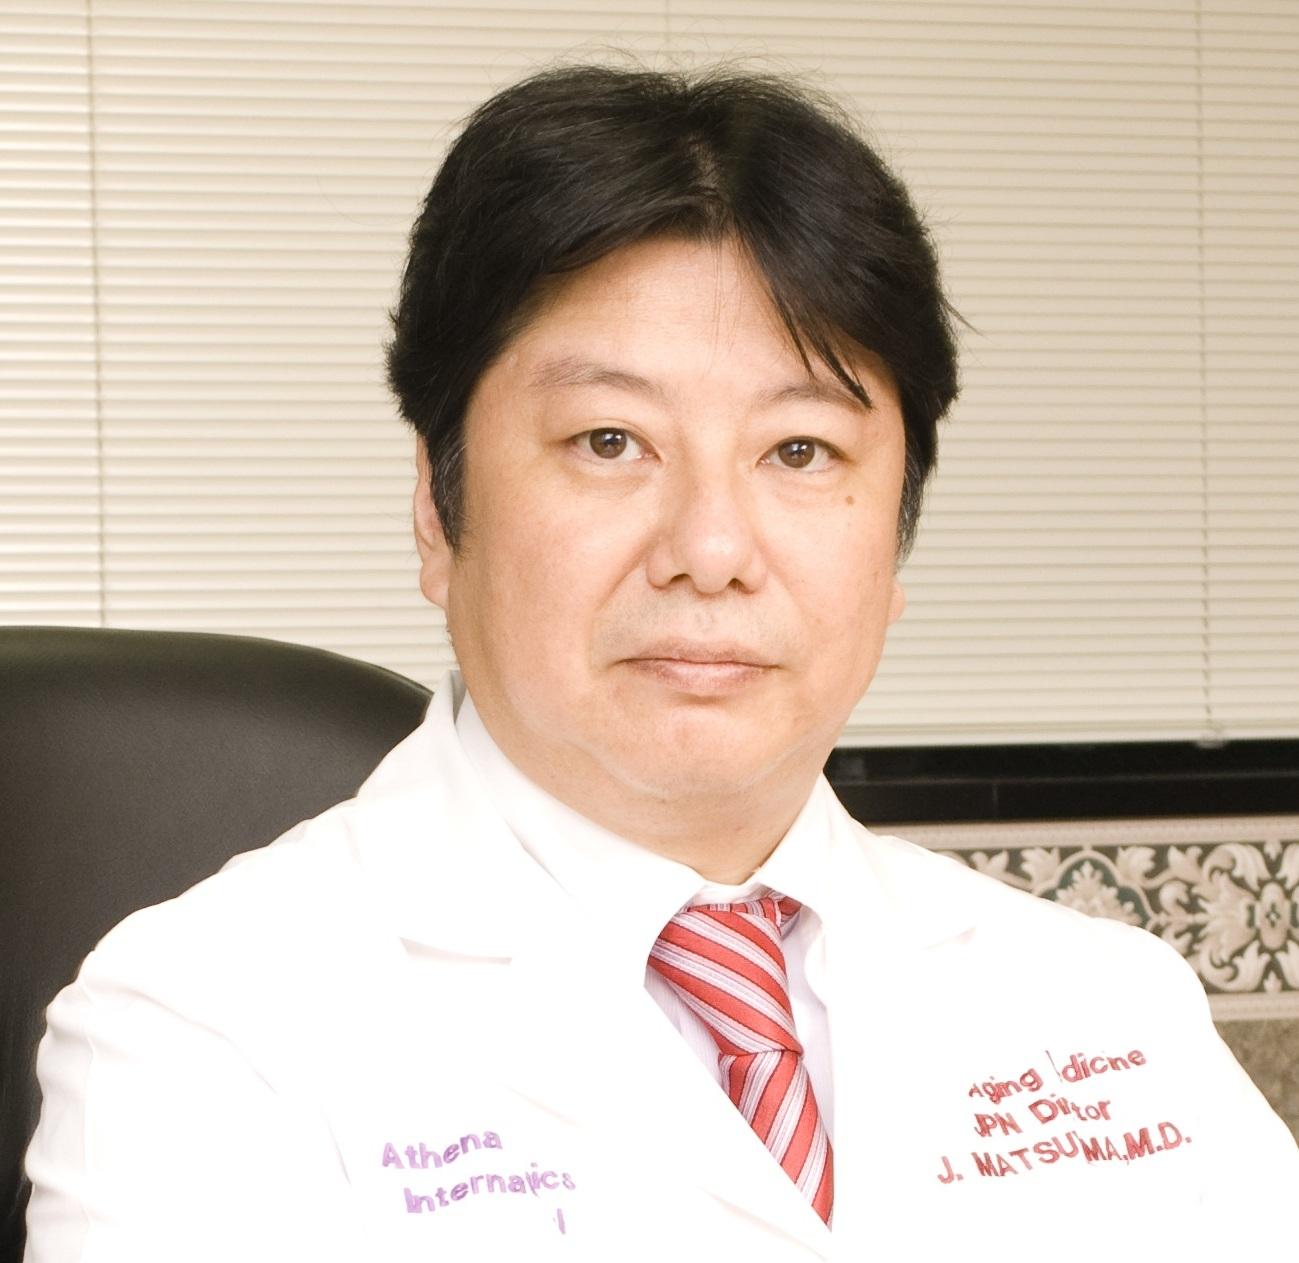 http://www.athenaclinics.com/wp-content/uploads/2013/12/Jun-MatsuyamaMD1.jpg